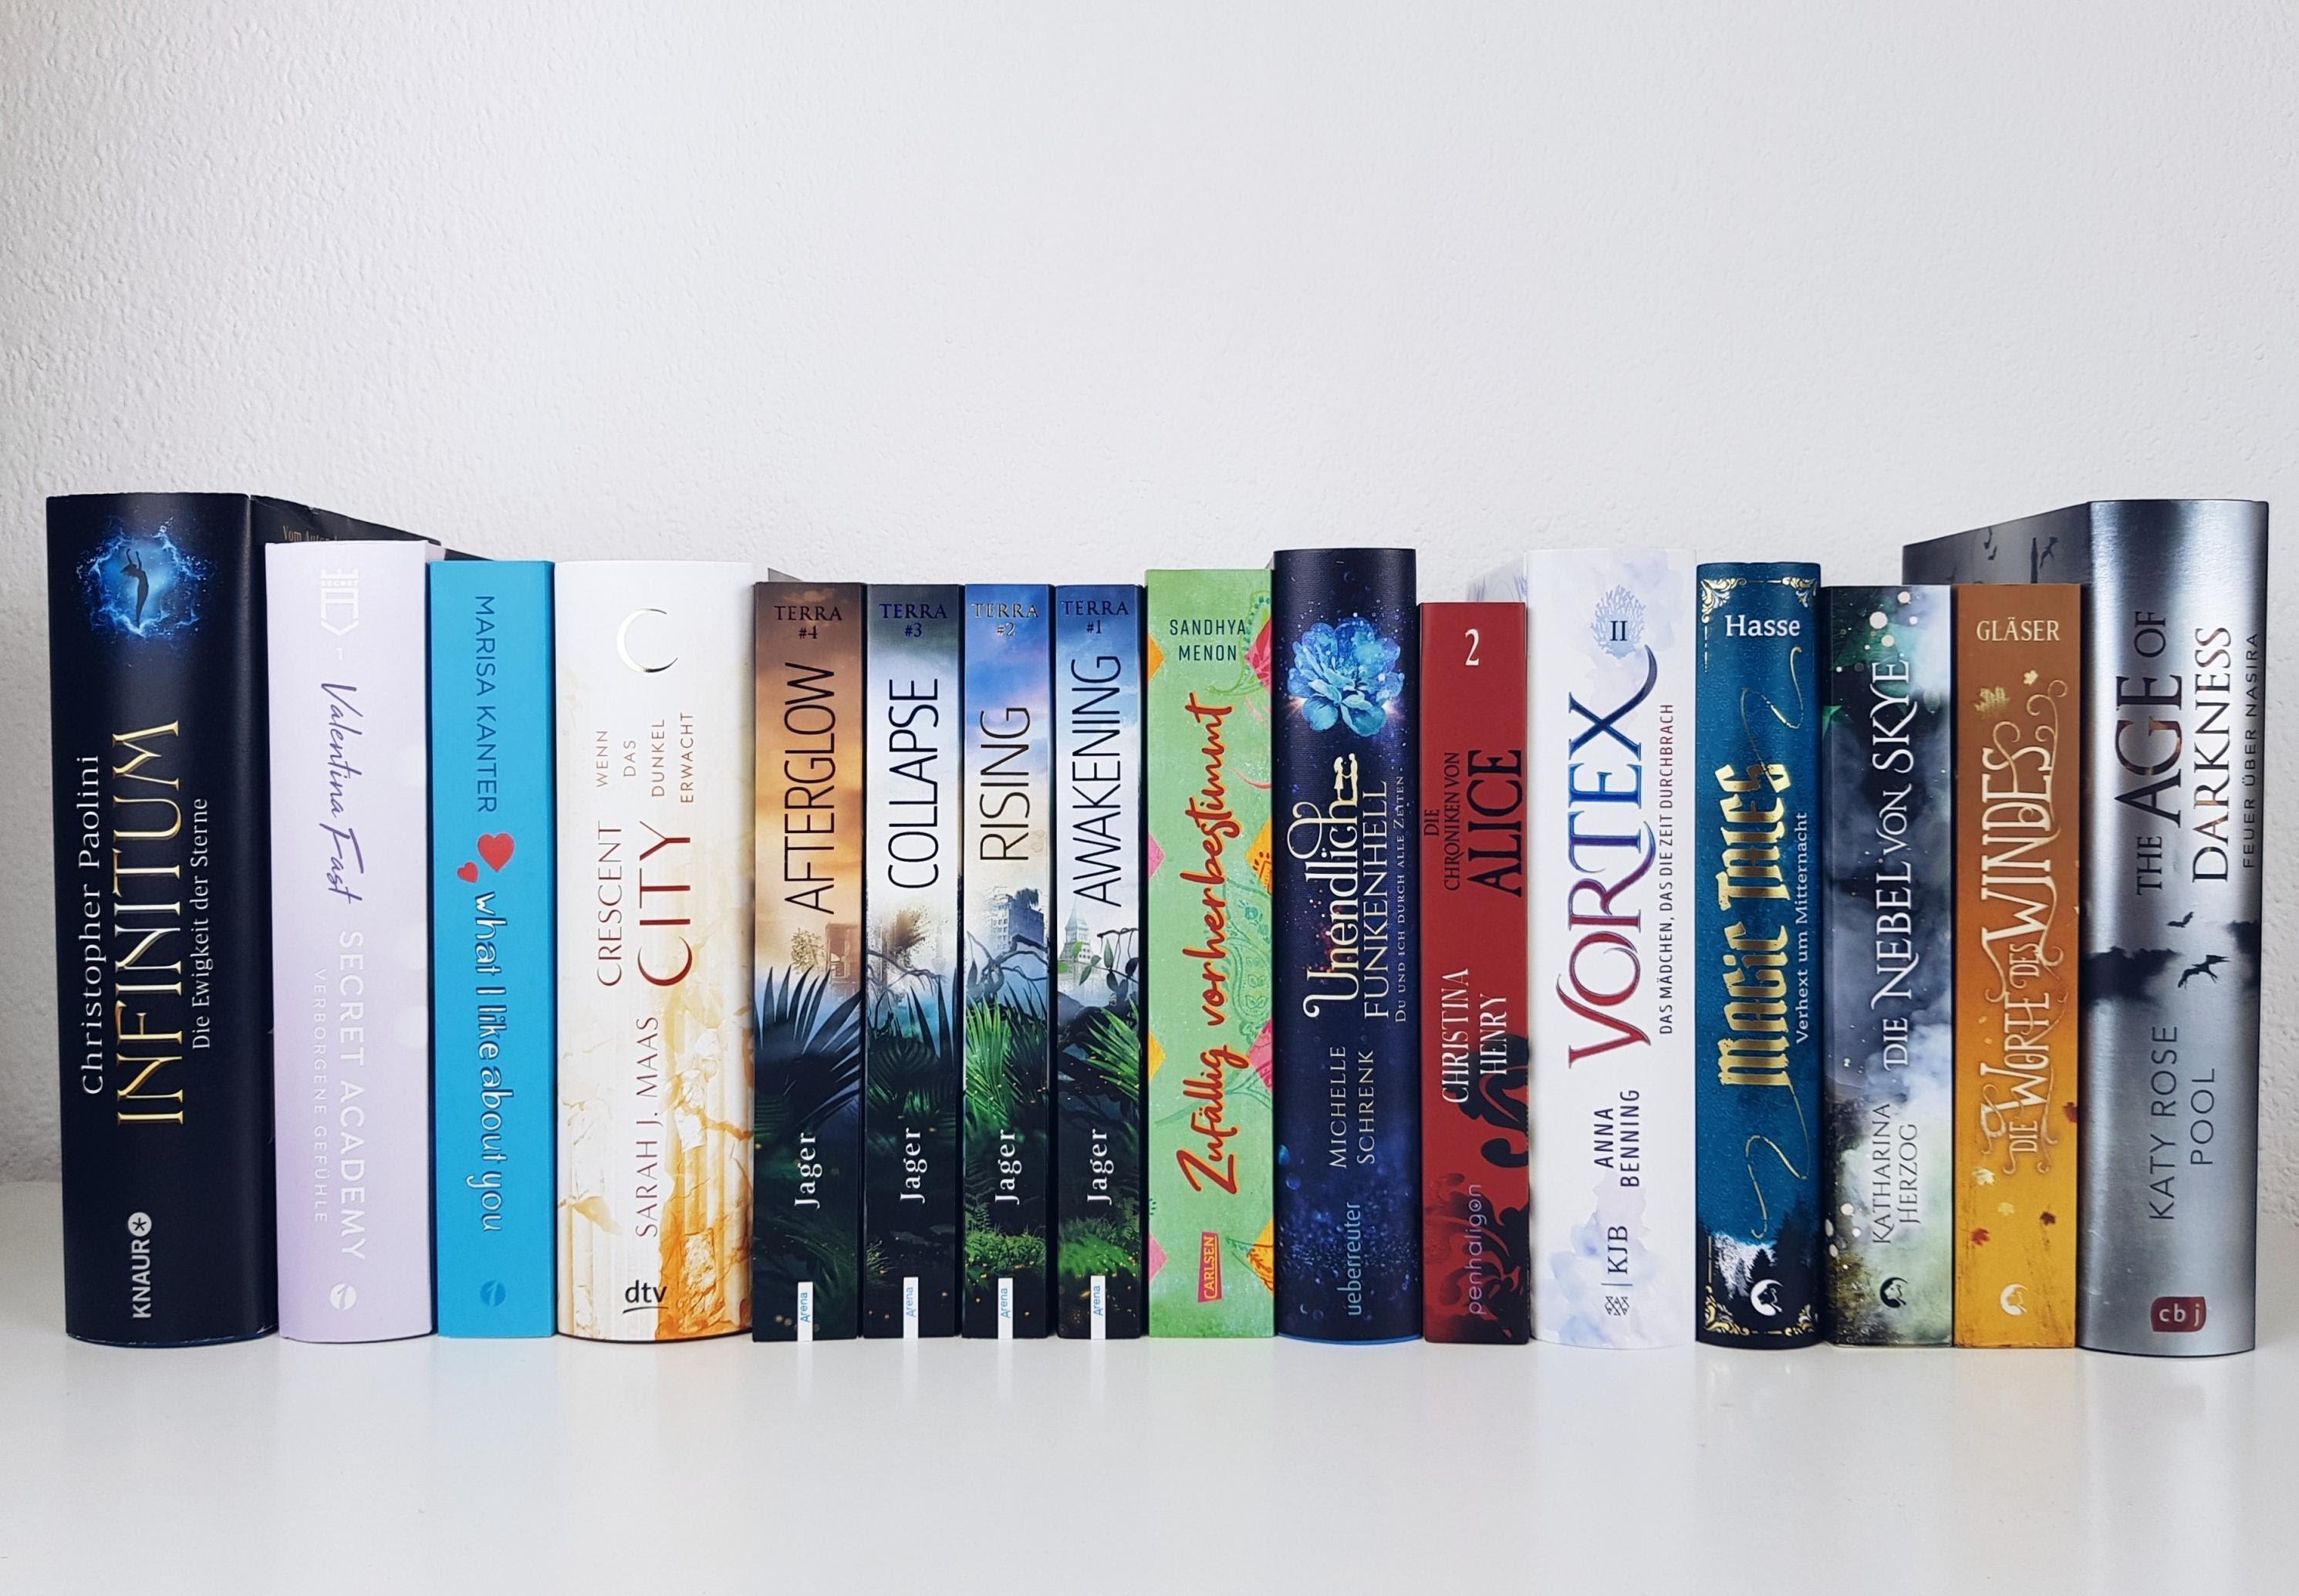 Bücherblog. Neuzugänge Bücher. Jugendbuch. Fantasy. September 2020.